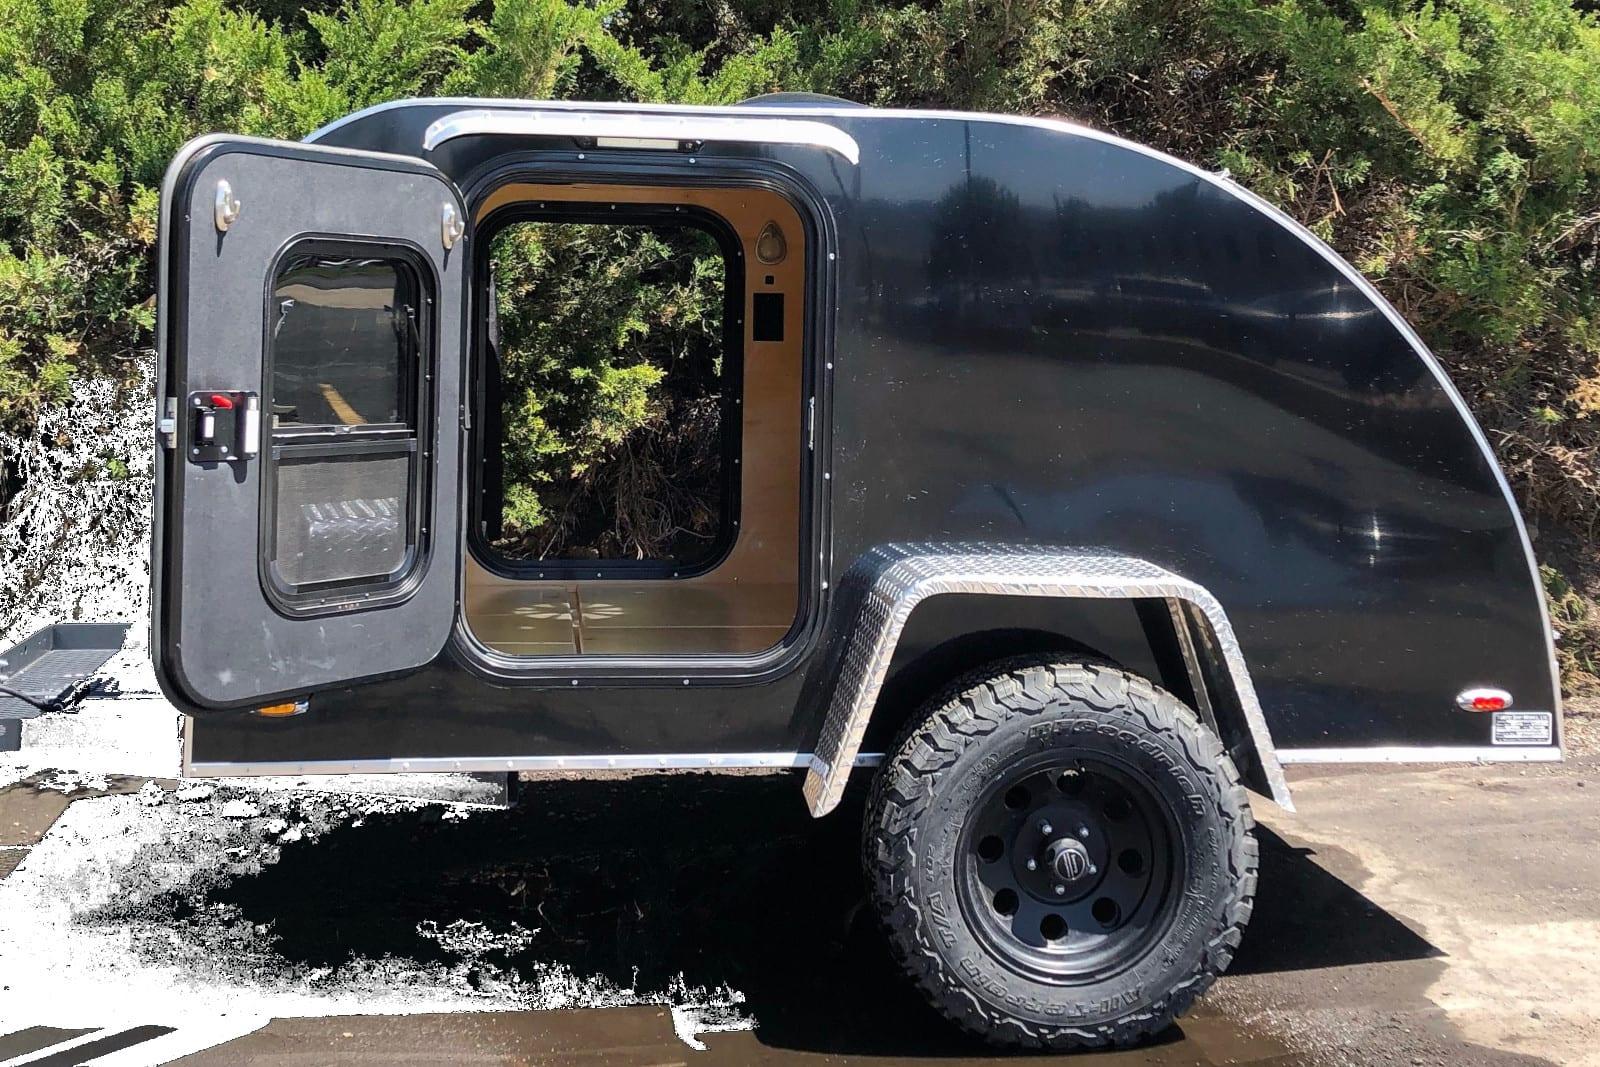 Travel Trailer Rentals Denver Colorado Teardrops Canyonland Model